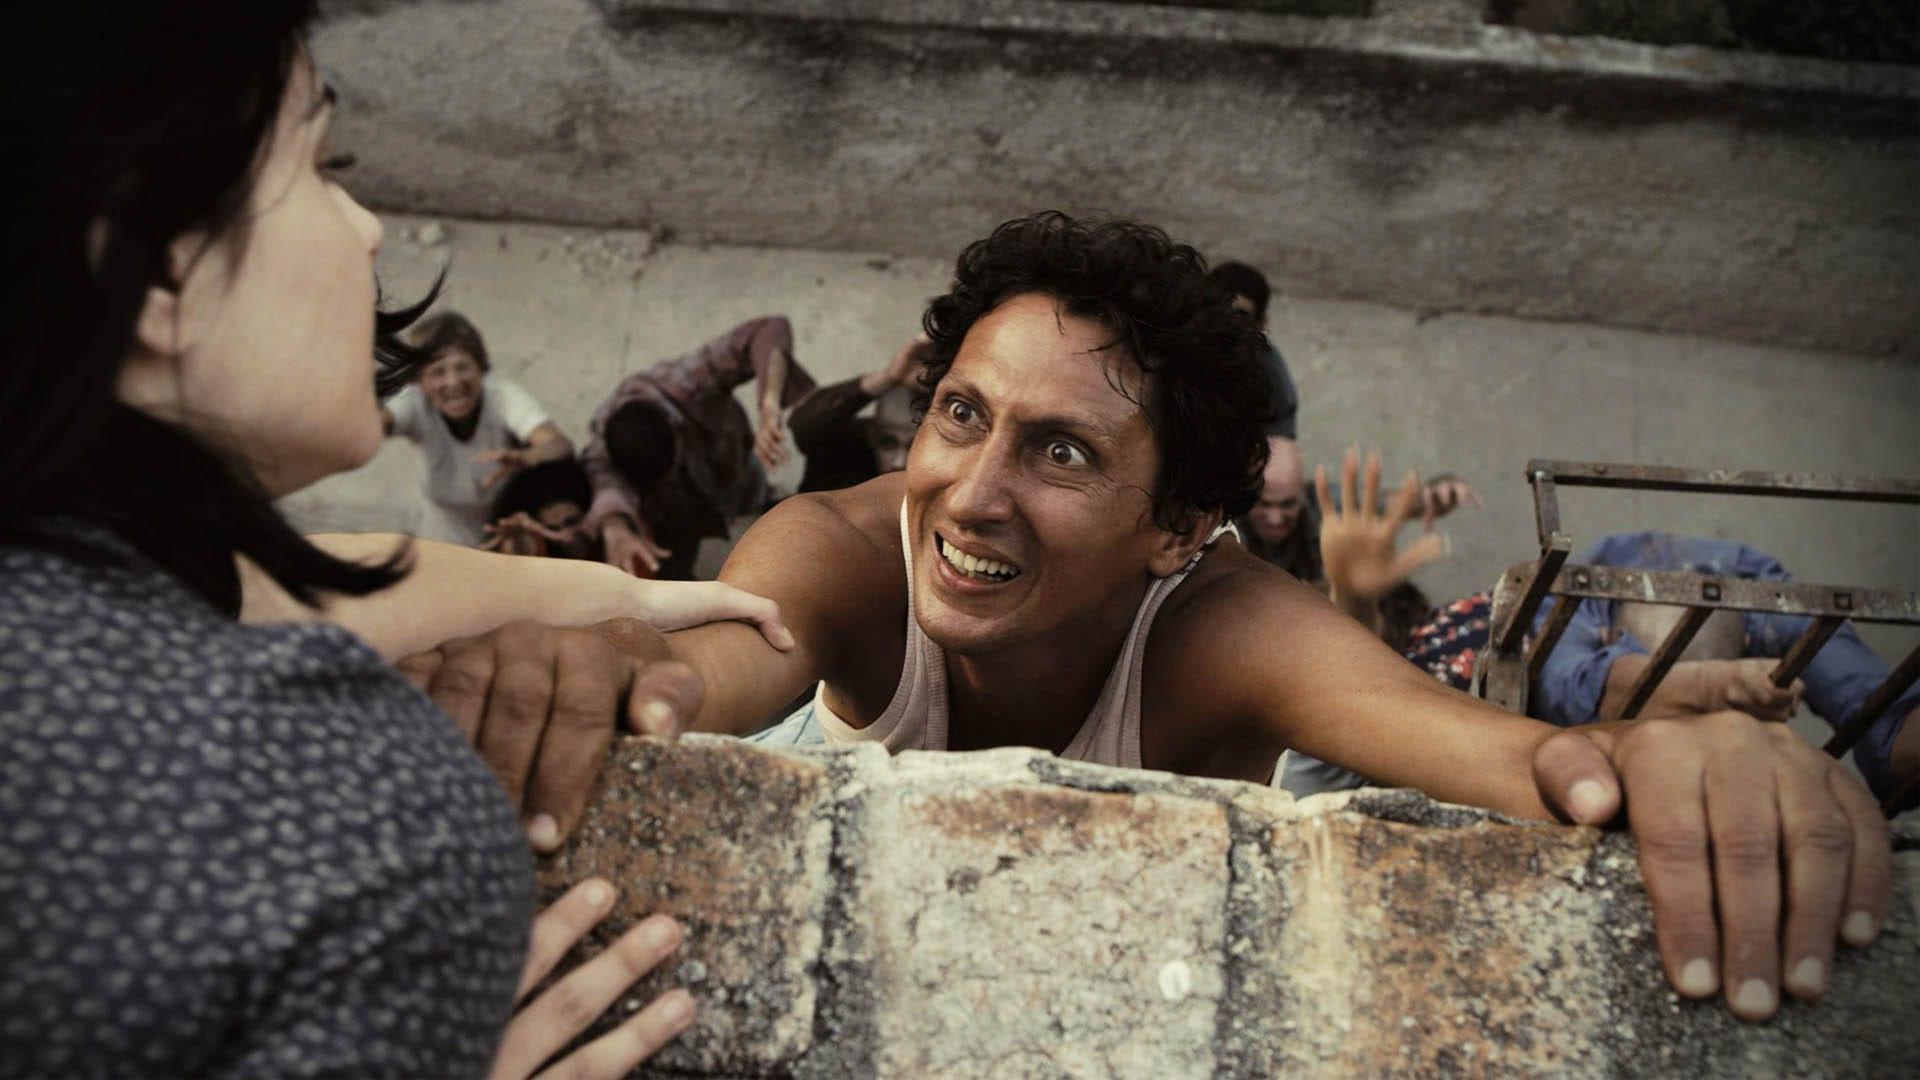 'Juan de los muertos' abrió a Alejandro Brugués las puertas del fantástico internacional.